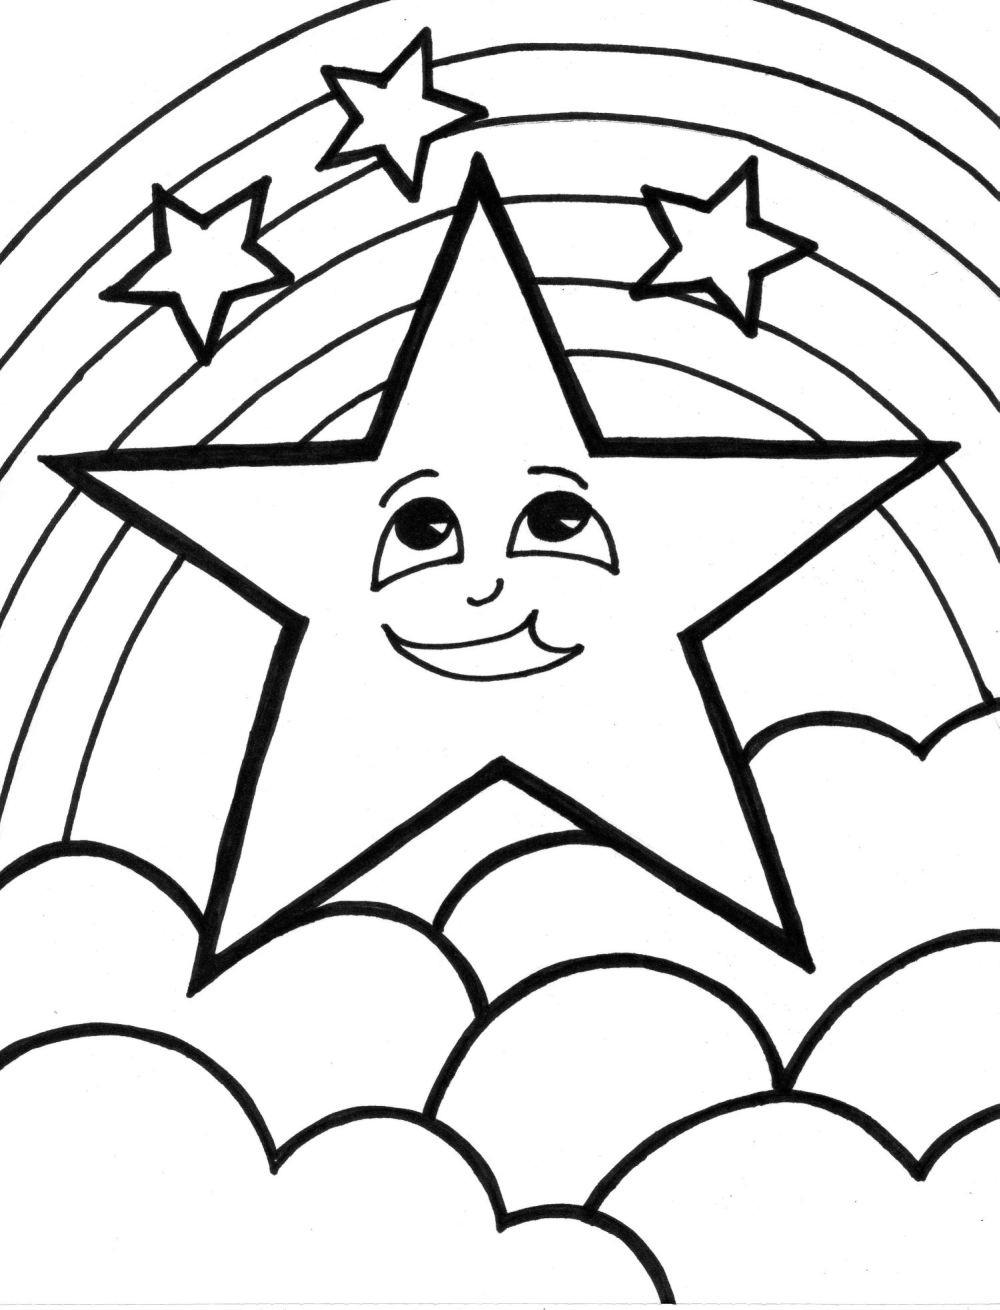 Estrelas lindas do c u desenhos preto e branco para colorir Coloring book for 5 year olds